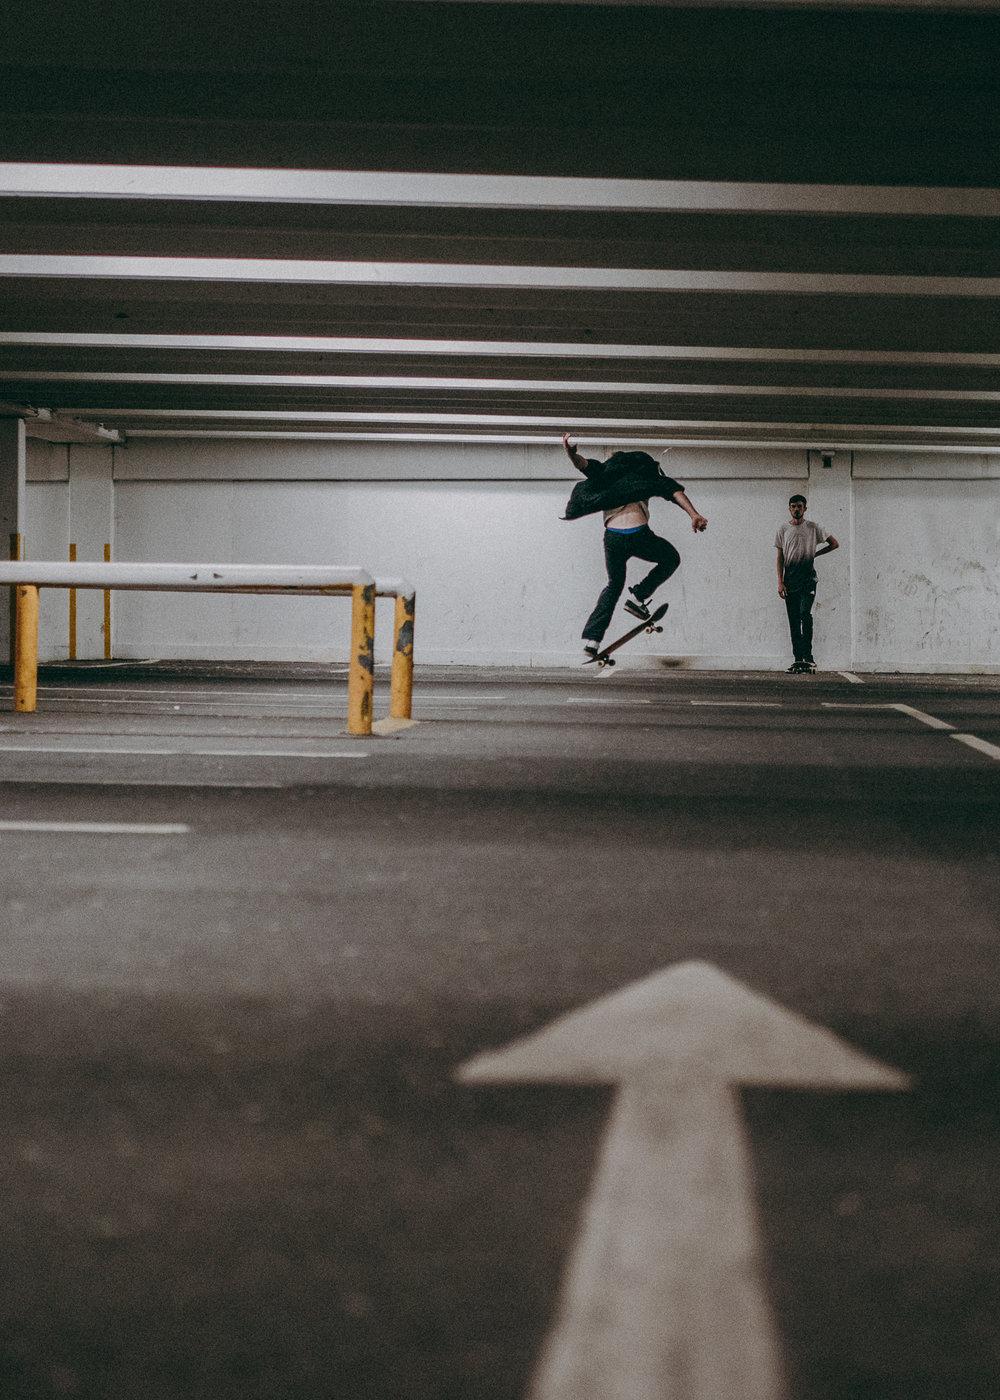 yorkshire-skate-kids-0003.jpg